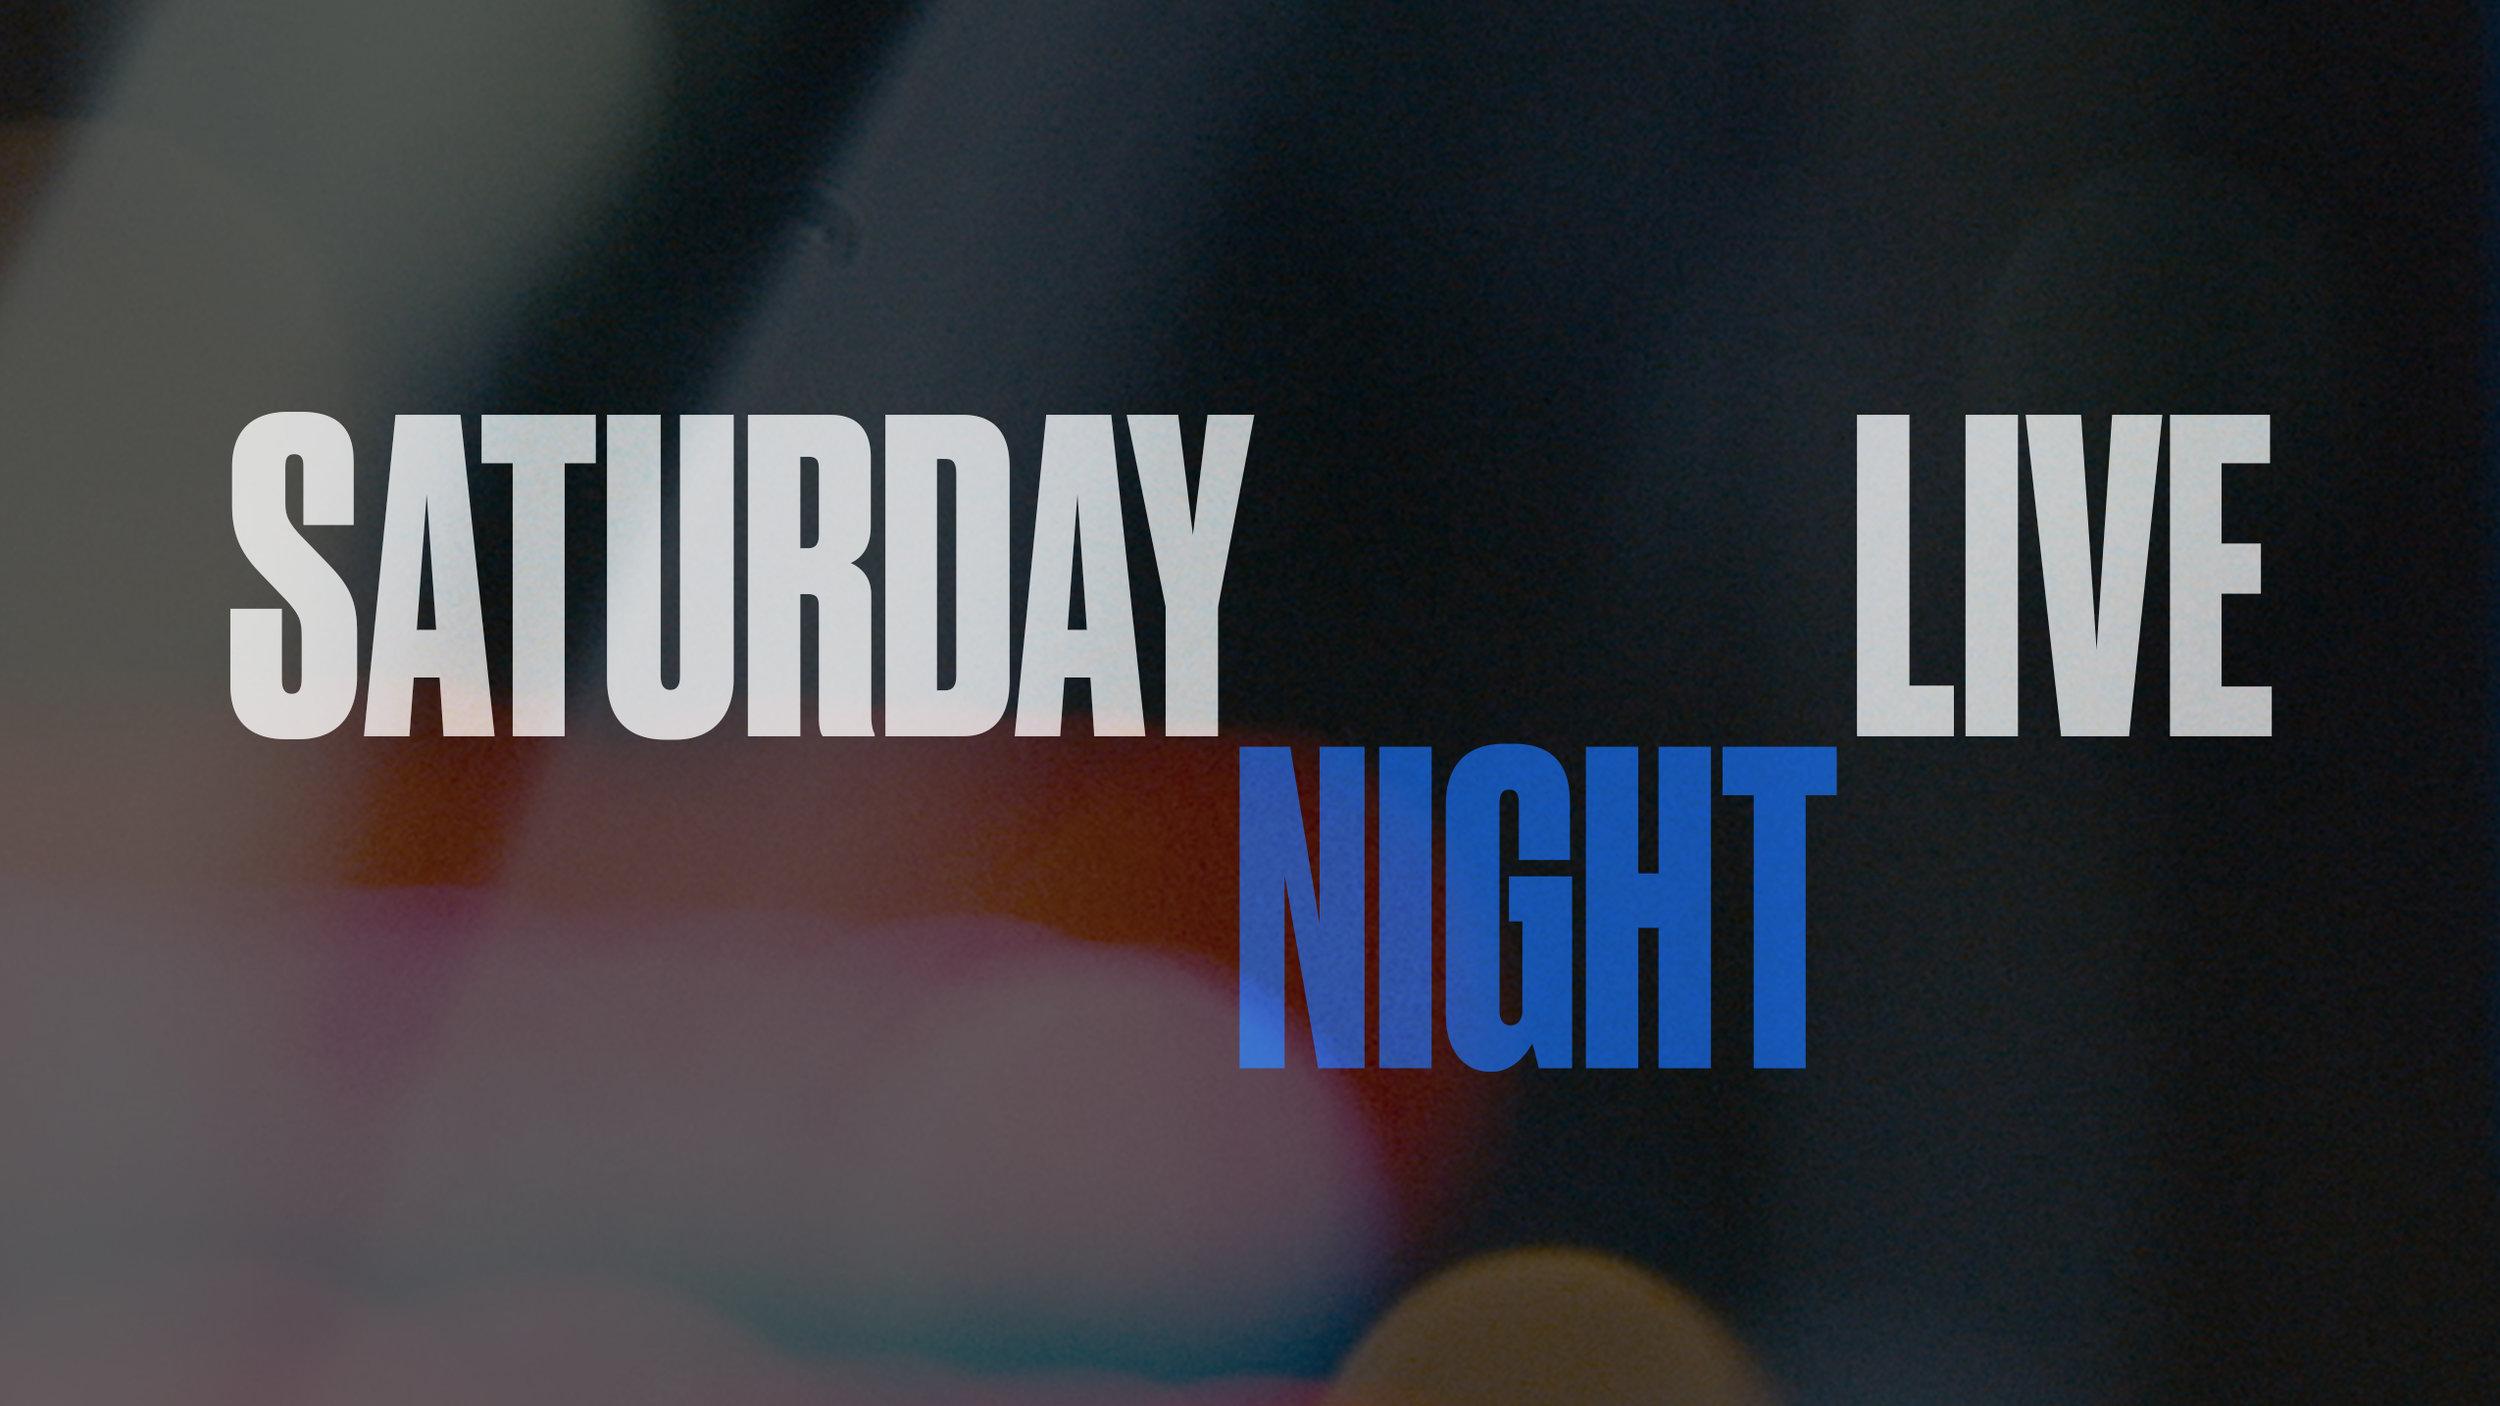 SNL_NBC_8.5x11_LogoHoriz.jpg